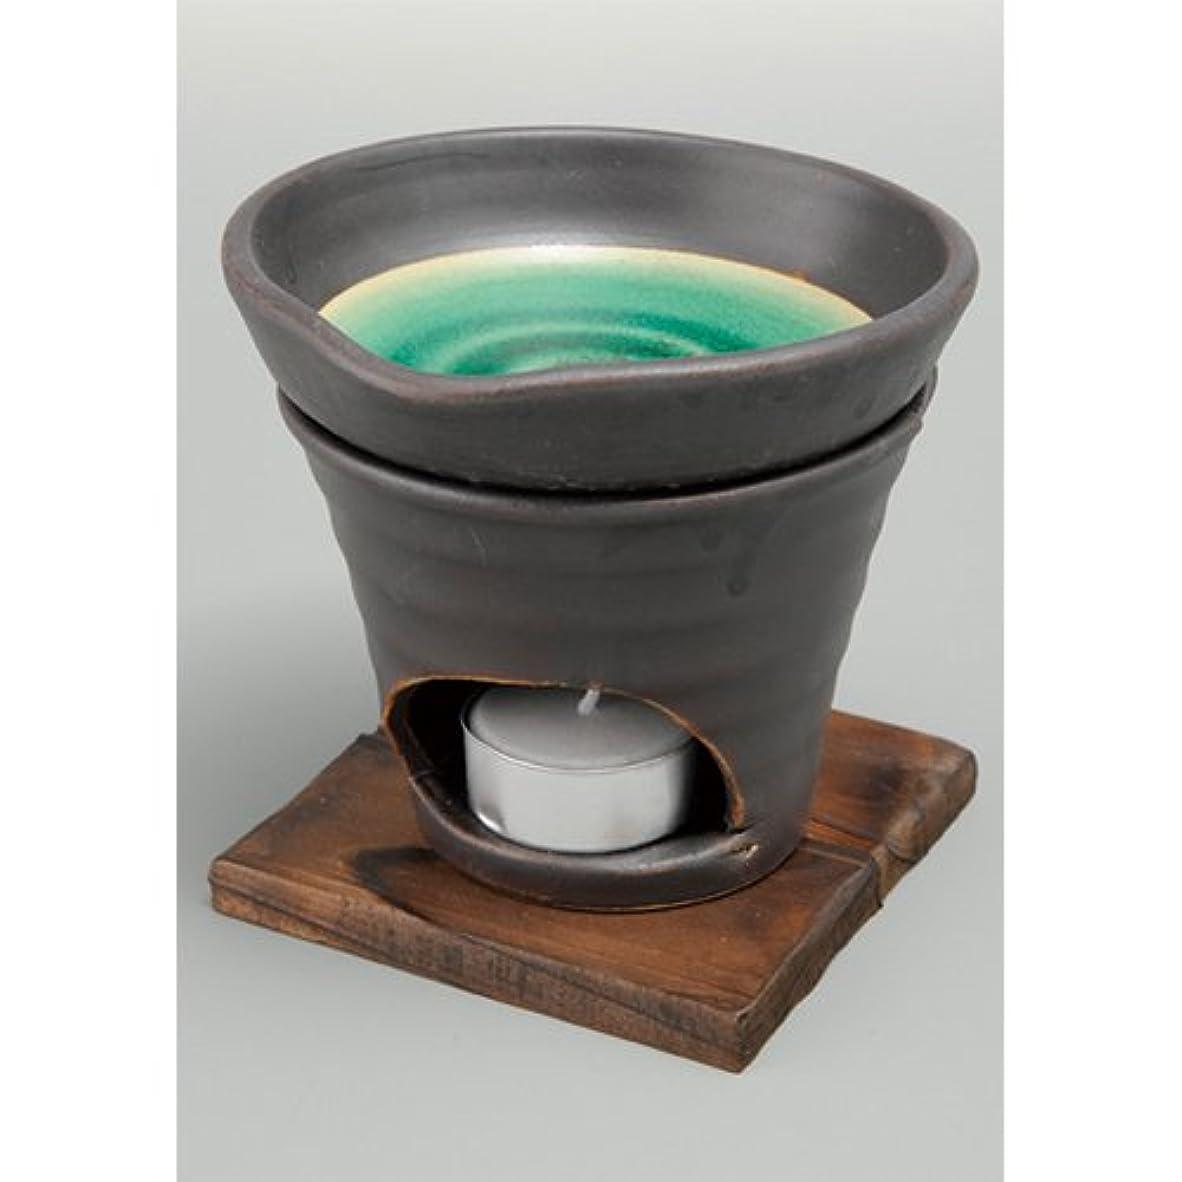 ロードブロッキングヨーグルトファイター香炉 黒釉 茶香炉(緑) [R11.8xH11.5cm] HANDMADE プレゼント ギフト 和食器 かわいい インテリア